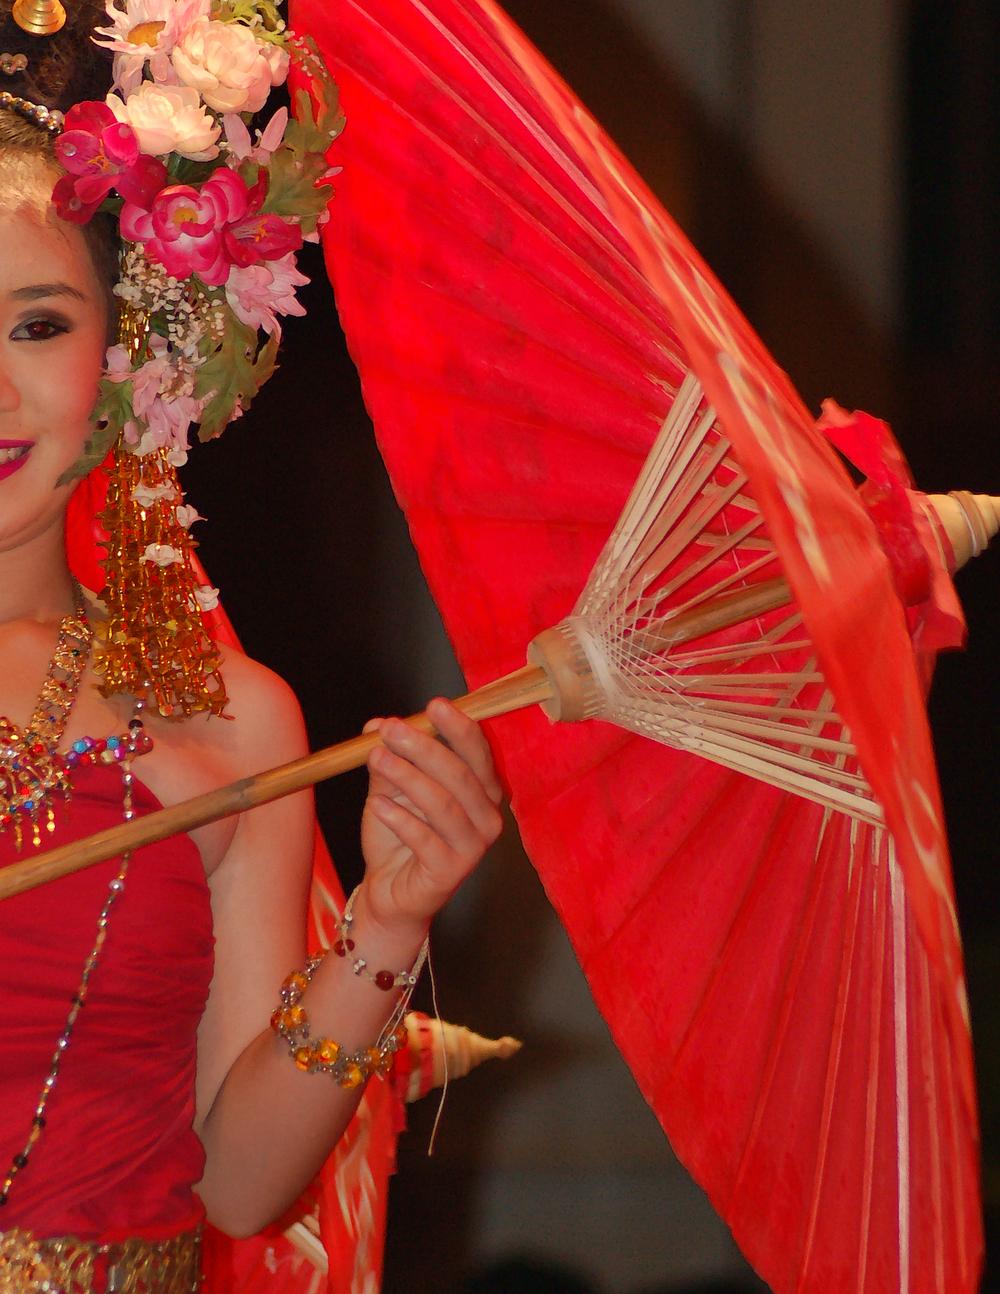 Thailand_woman3.jpg